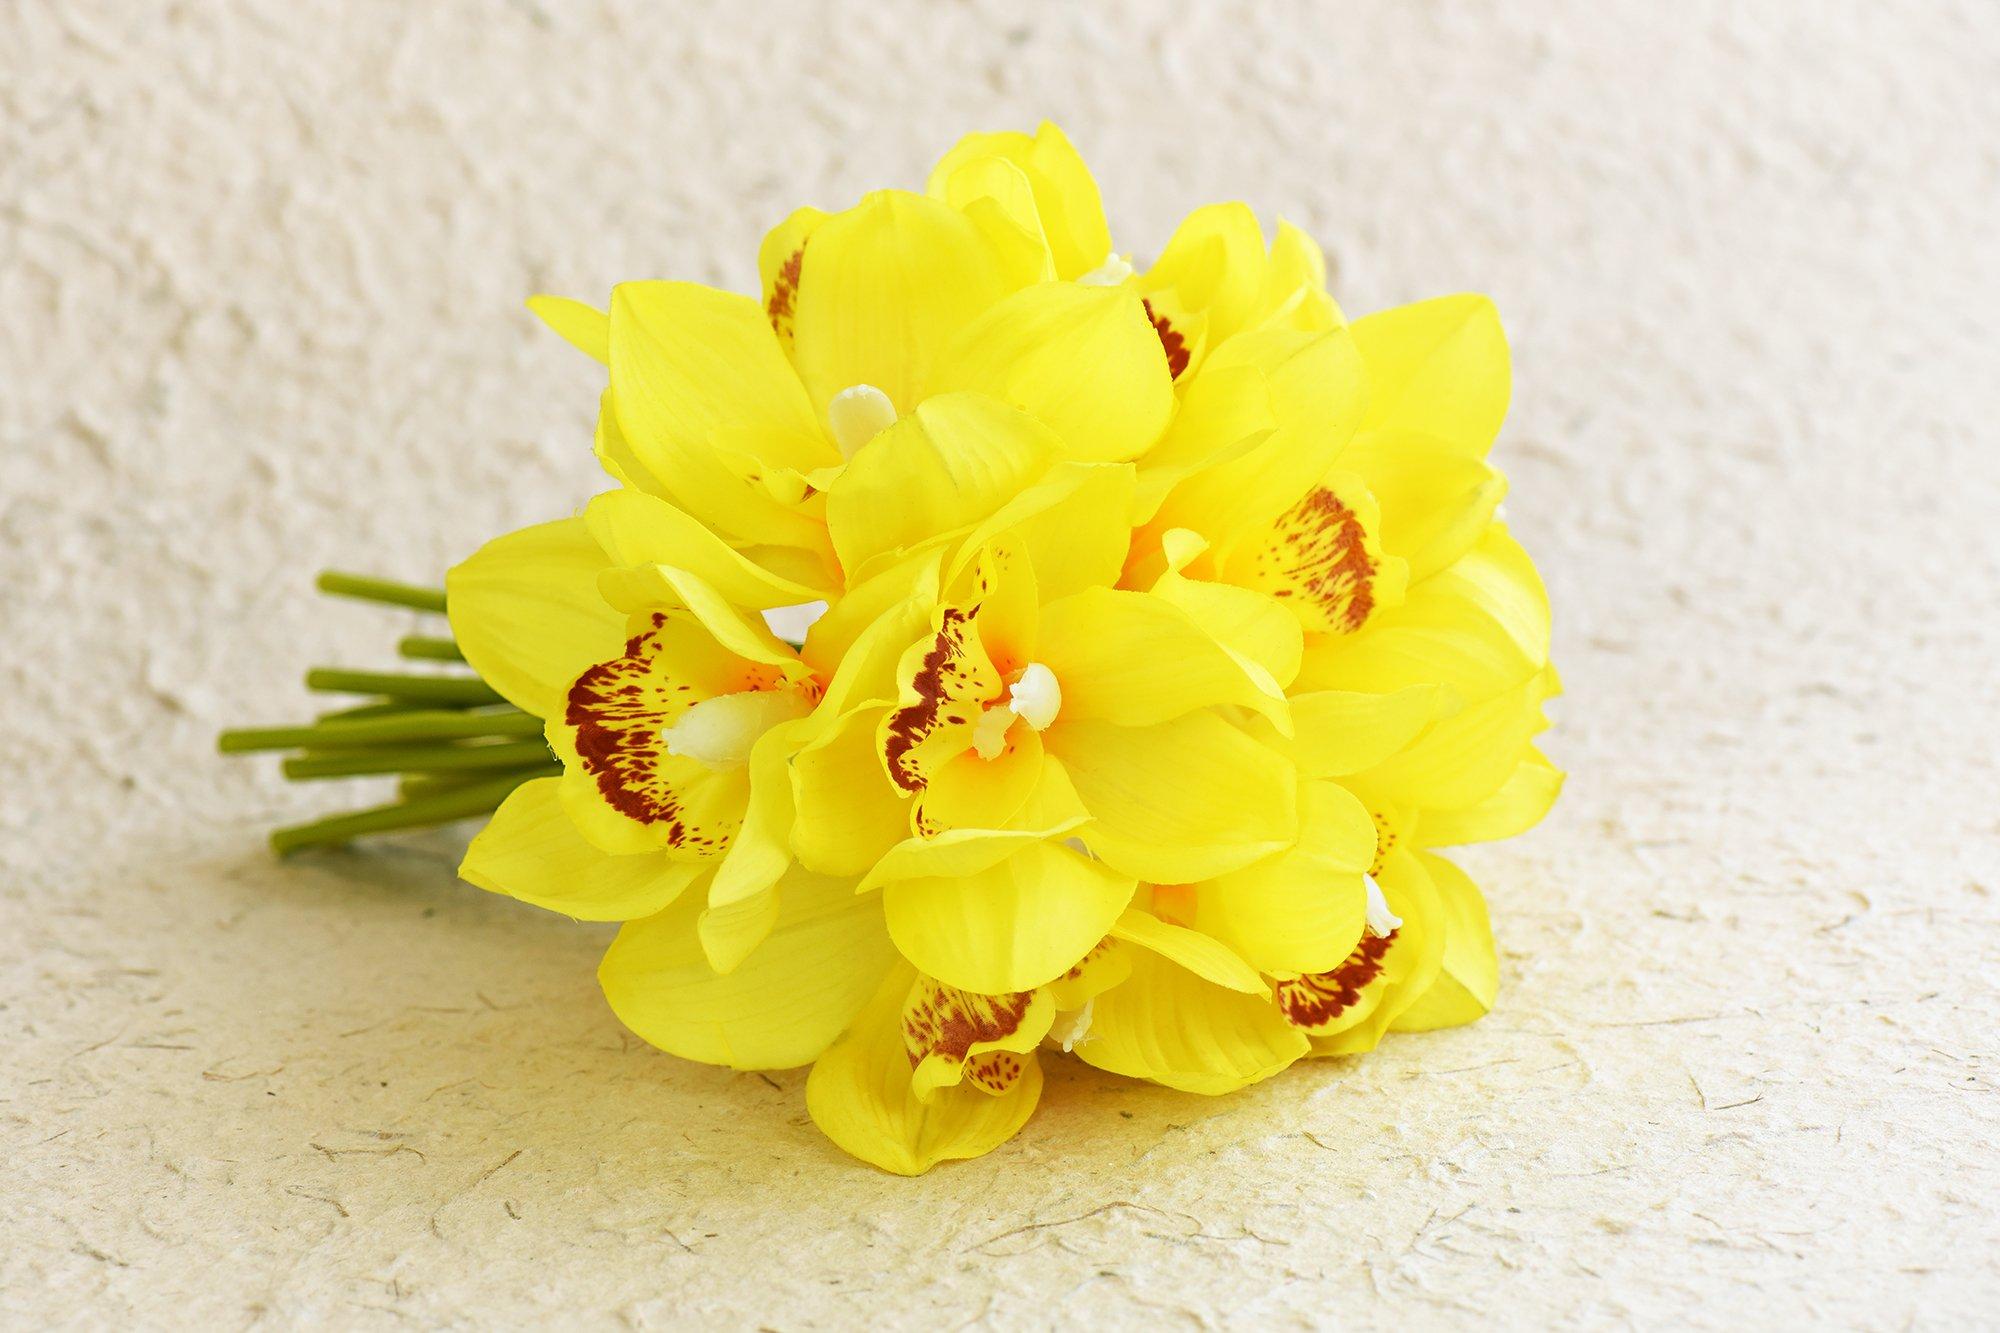 FiveSeasonStuff 12 Tallos de Real Toque Cymbidium Artificial/Barco Orquídeas Flores y Ramo, para Tienda Casa Decoración Restaurante Fiesta Oficina/Arreglos Florales DIY – 23cm (9.1 Inches), Púrpura